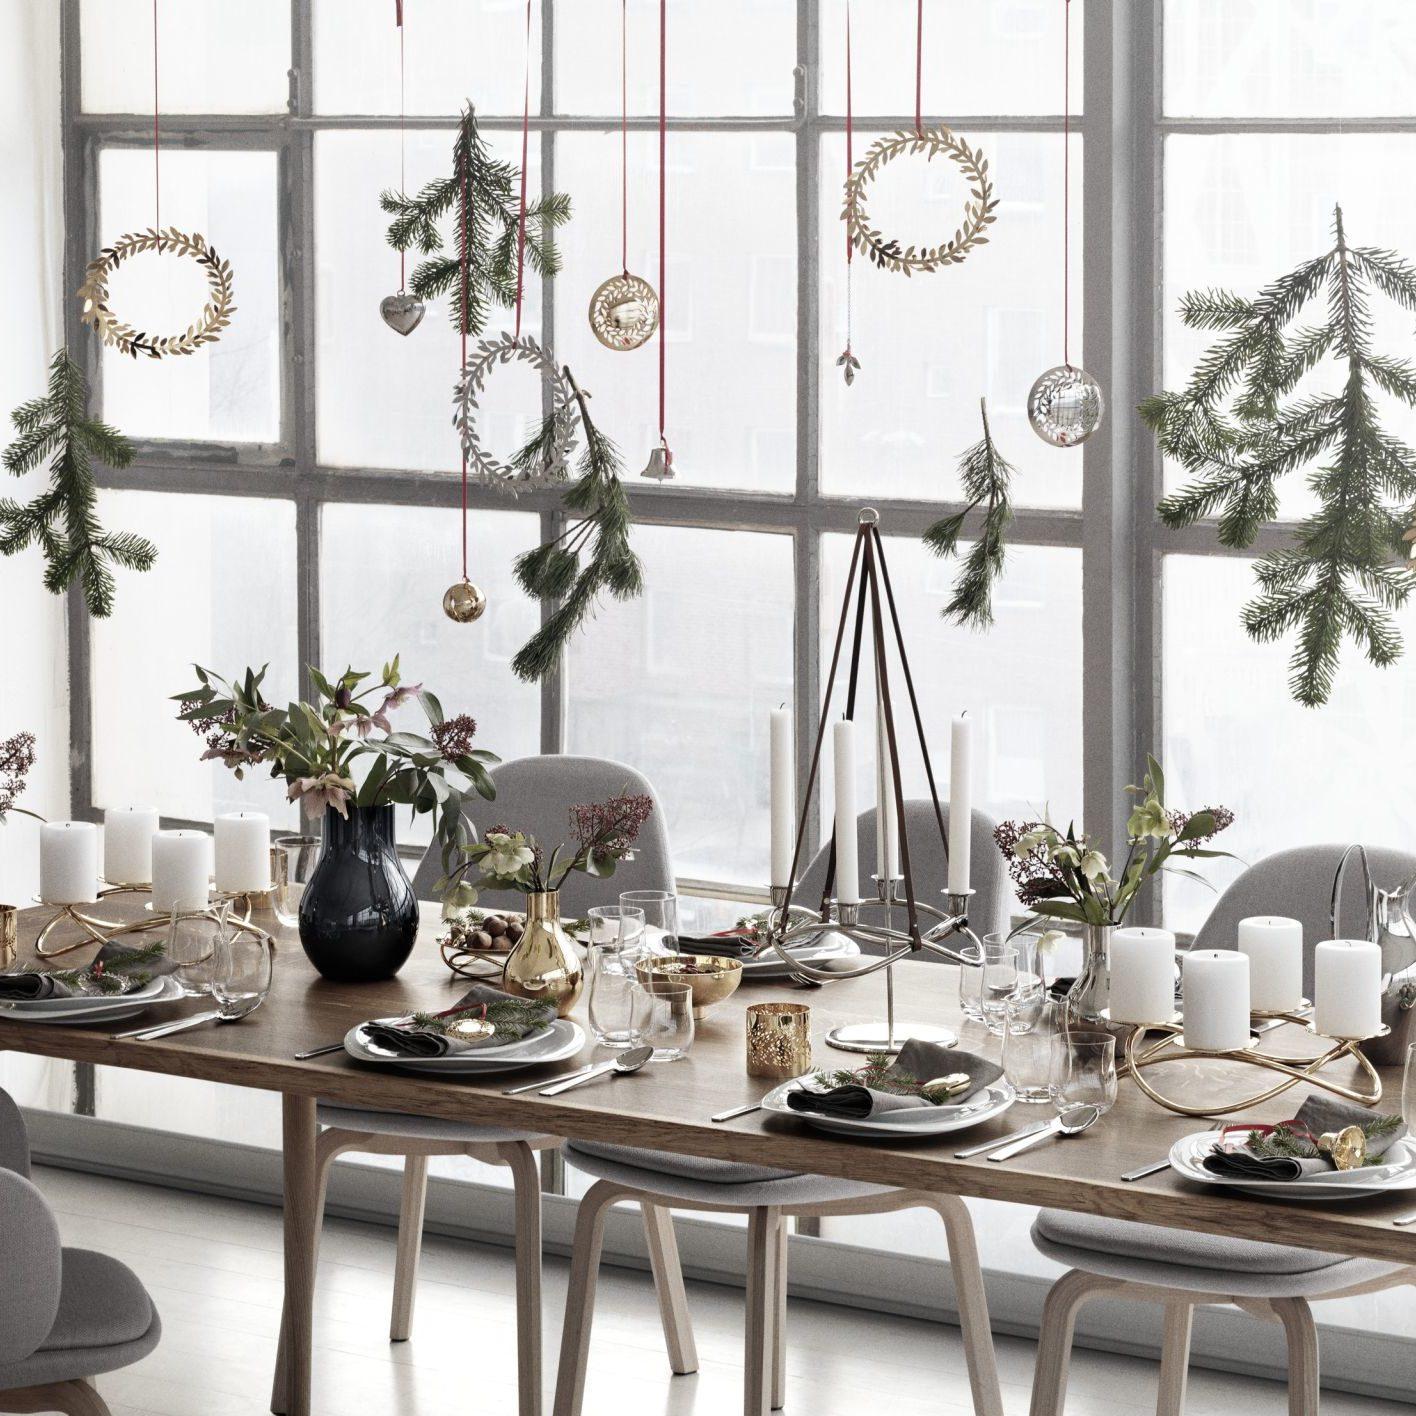 Na świątecznym stole nie powinno zabraknąć dekoracyjnego świecznika, np. Season marki Georg Jensen. www.czerwonamaszyna.pl